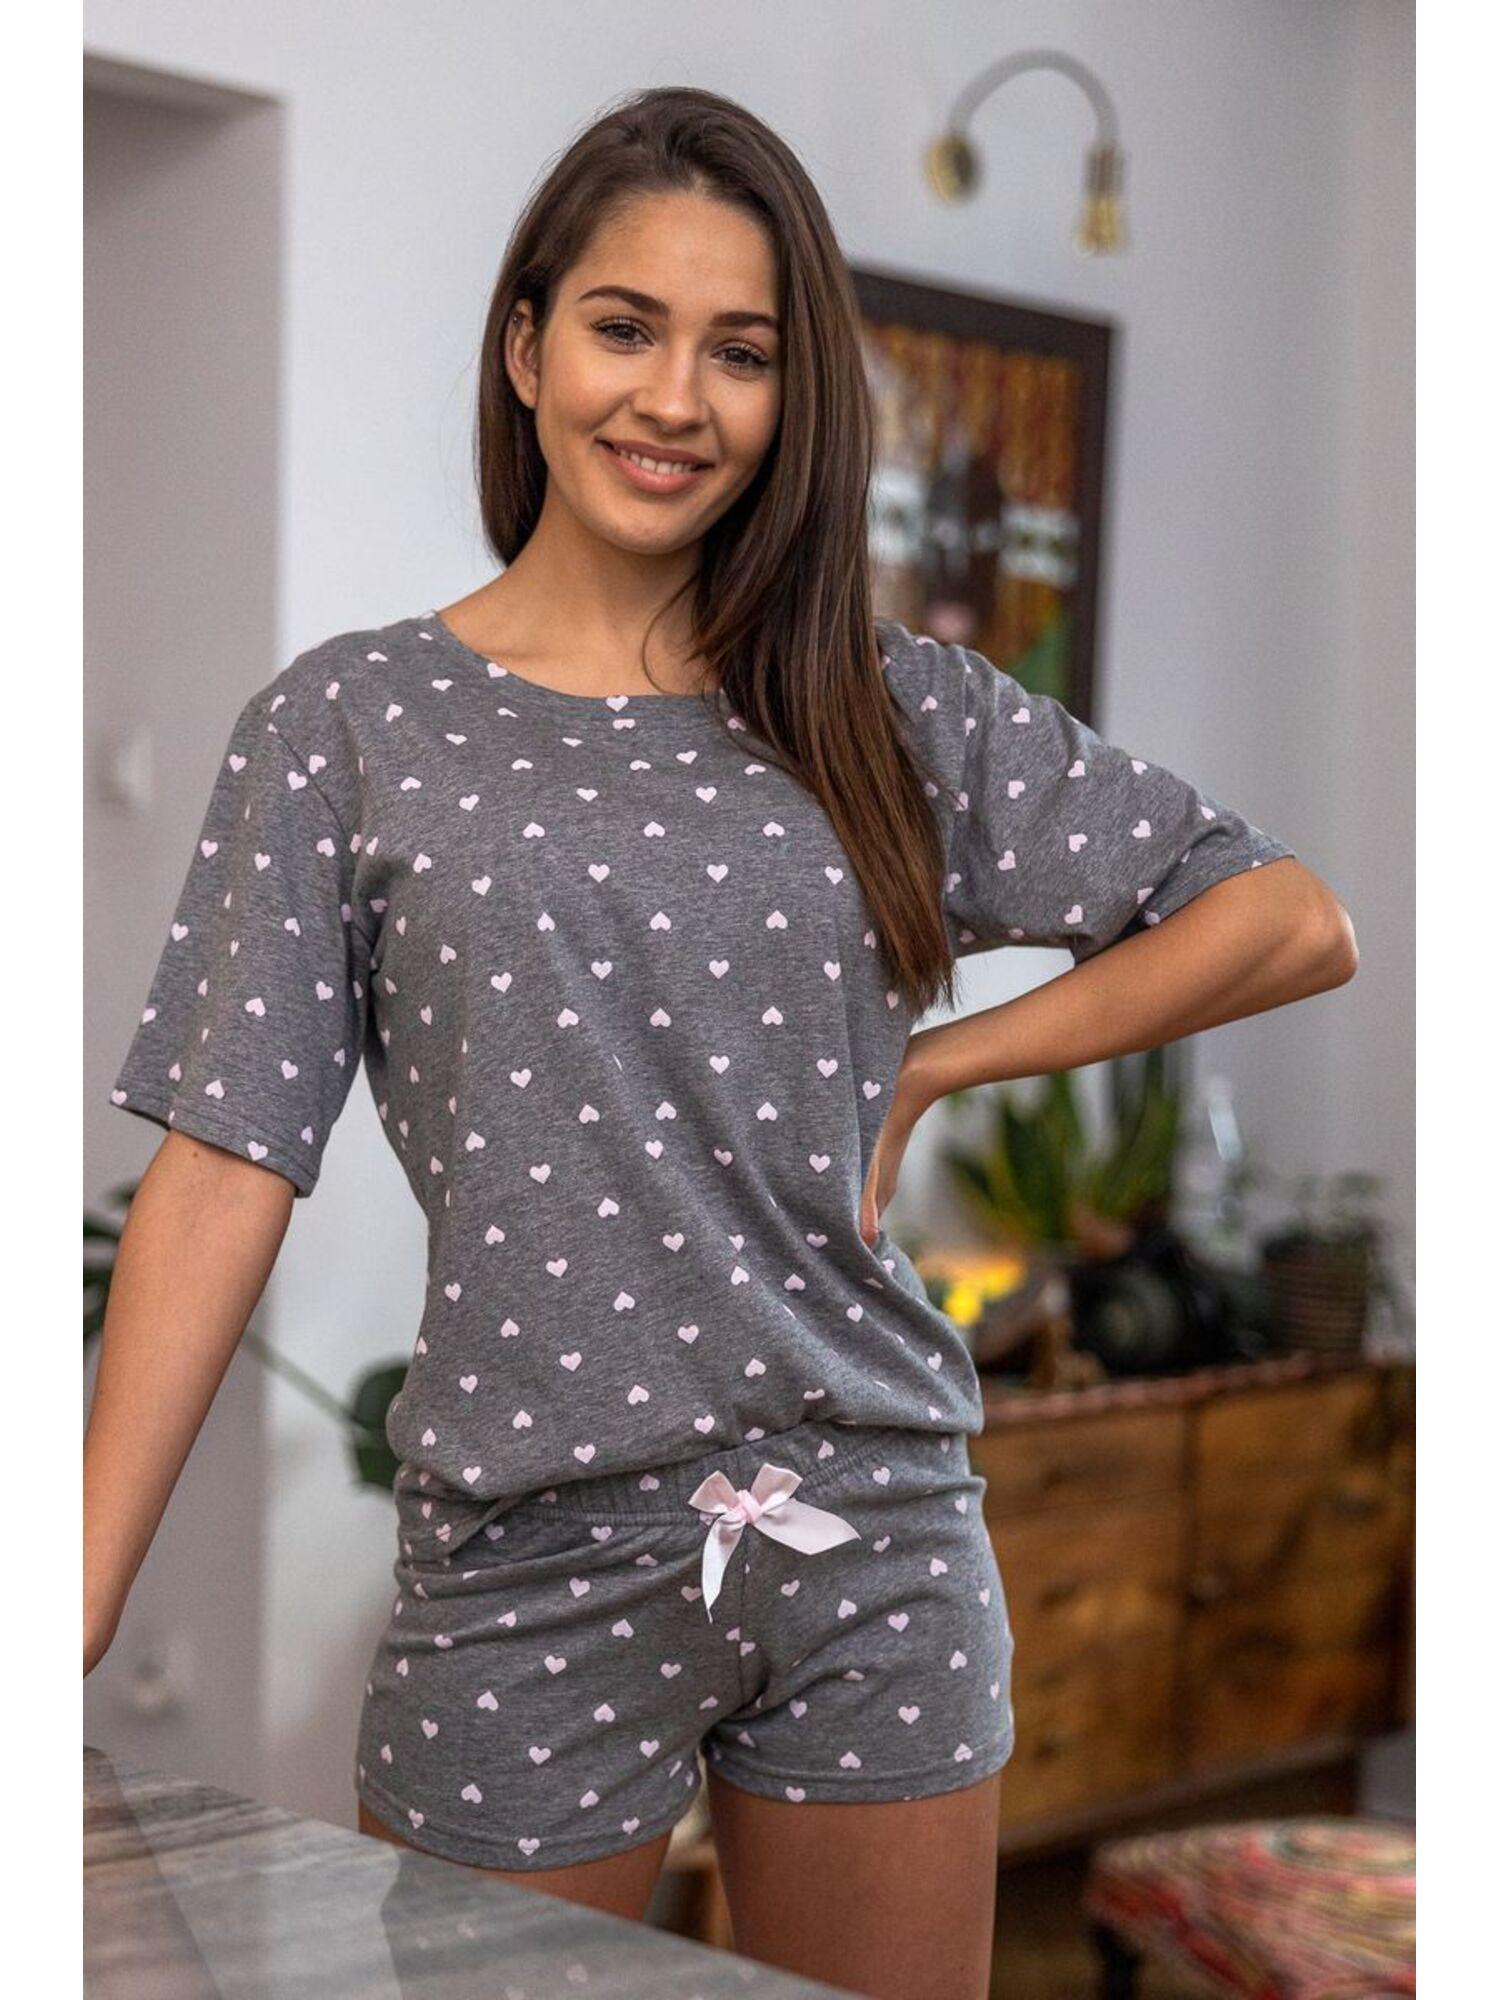 Пижама женская с шортами JULIETA, серый, Sensis